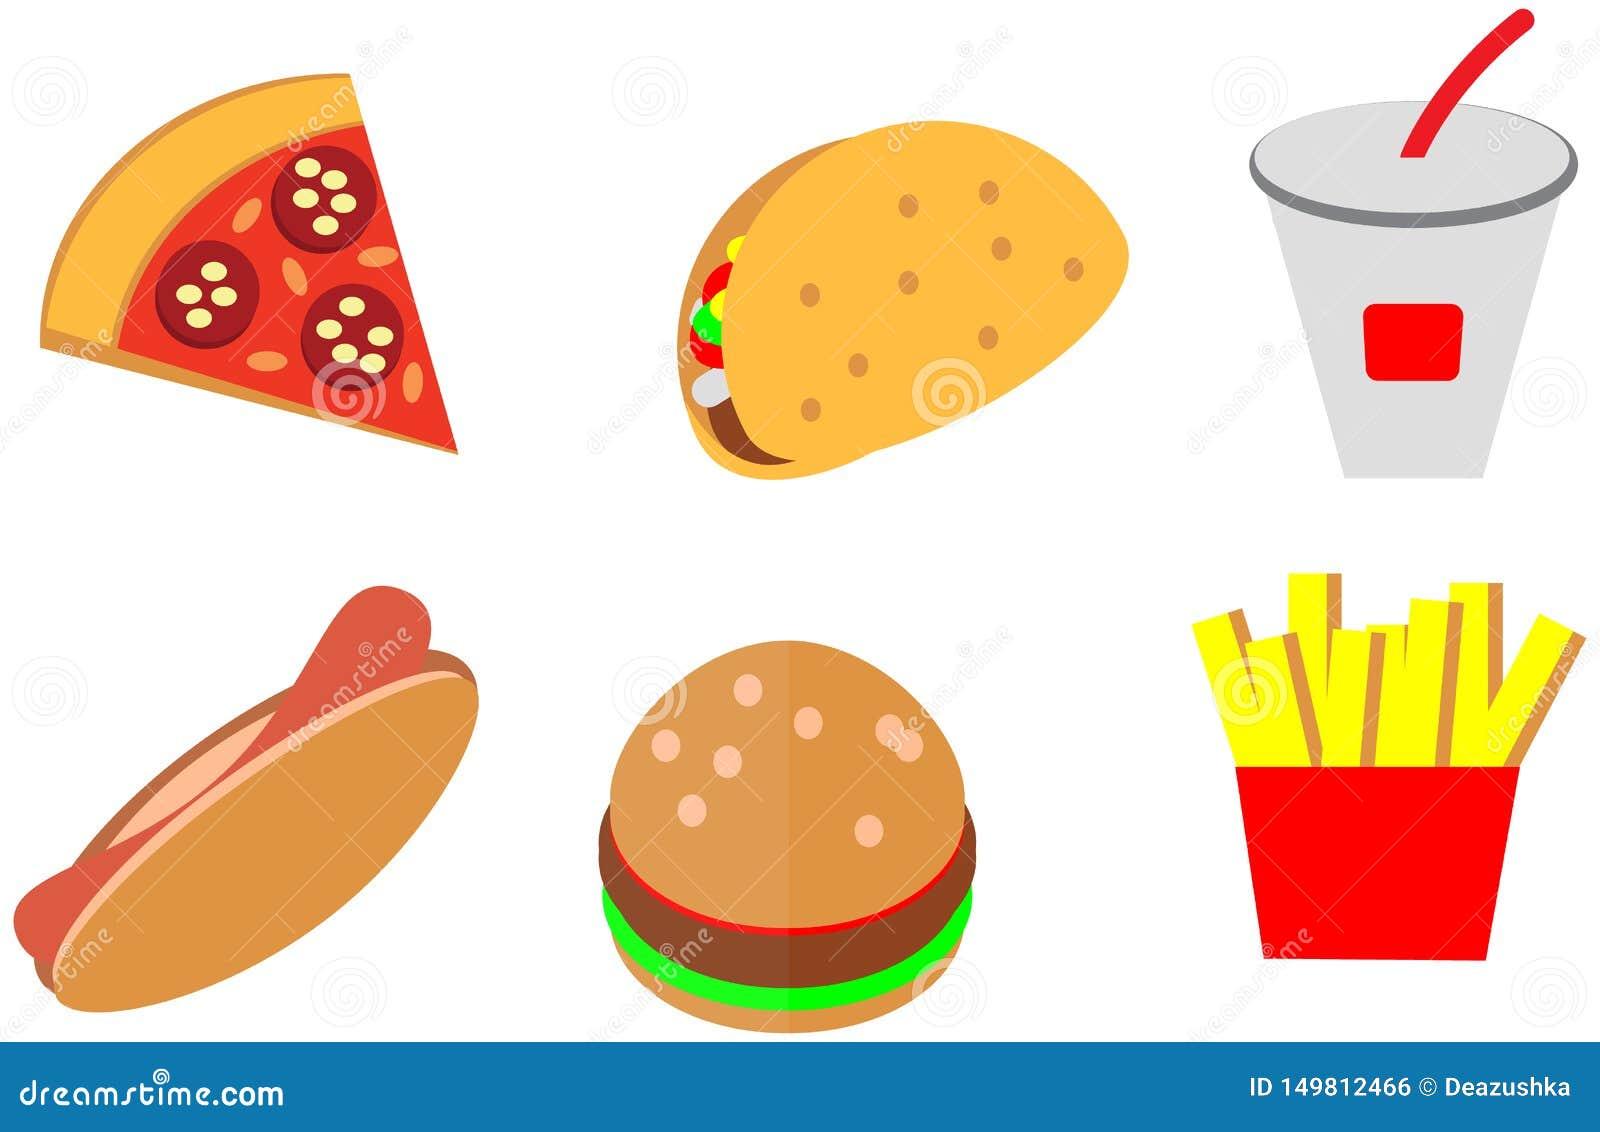 动画片乱画颜色平的便当象设计咖啡馆菜单